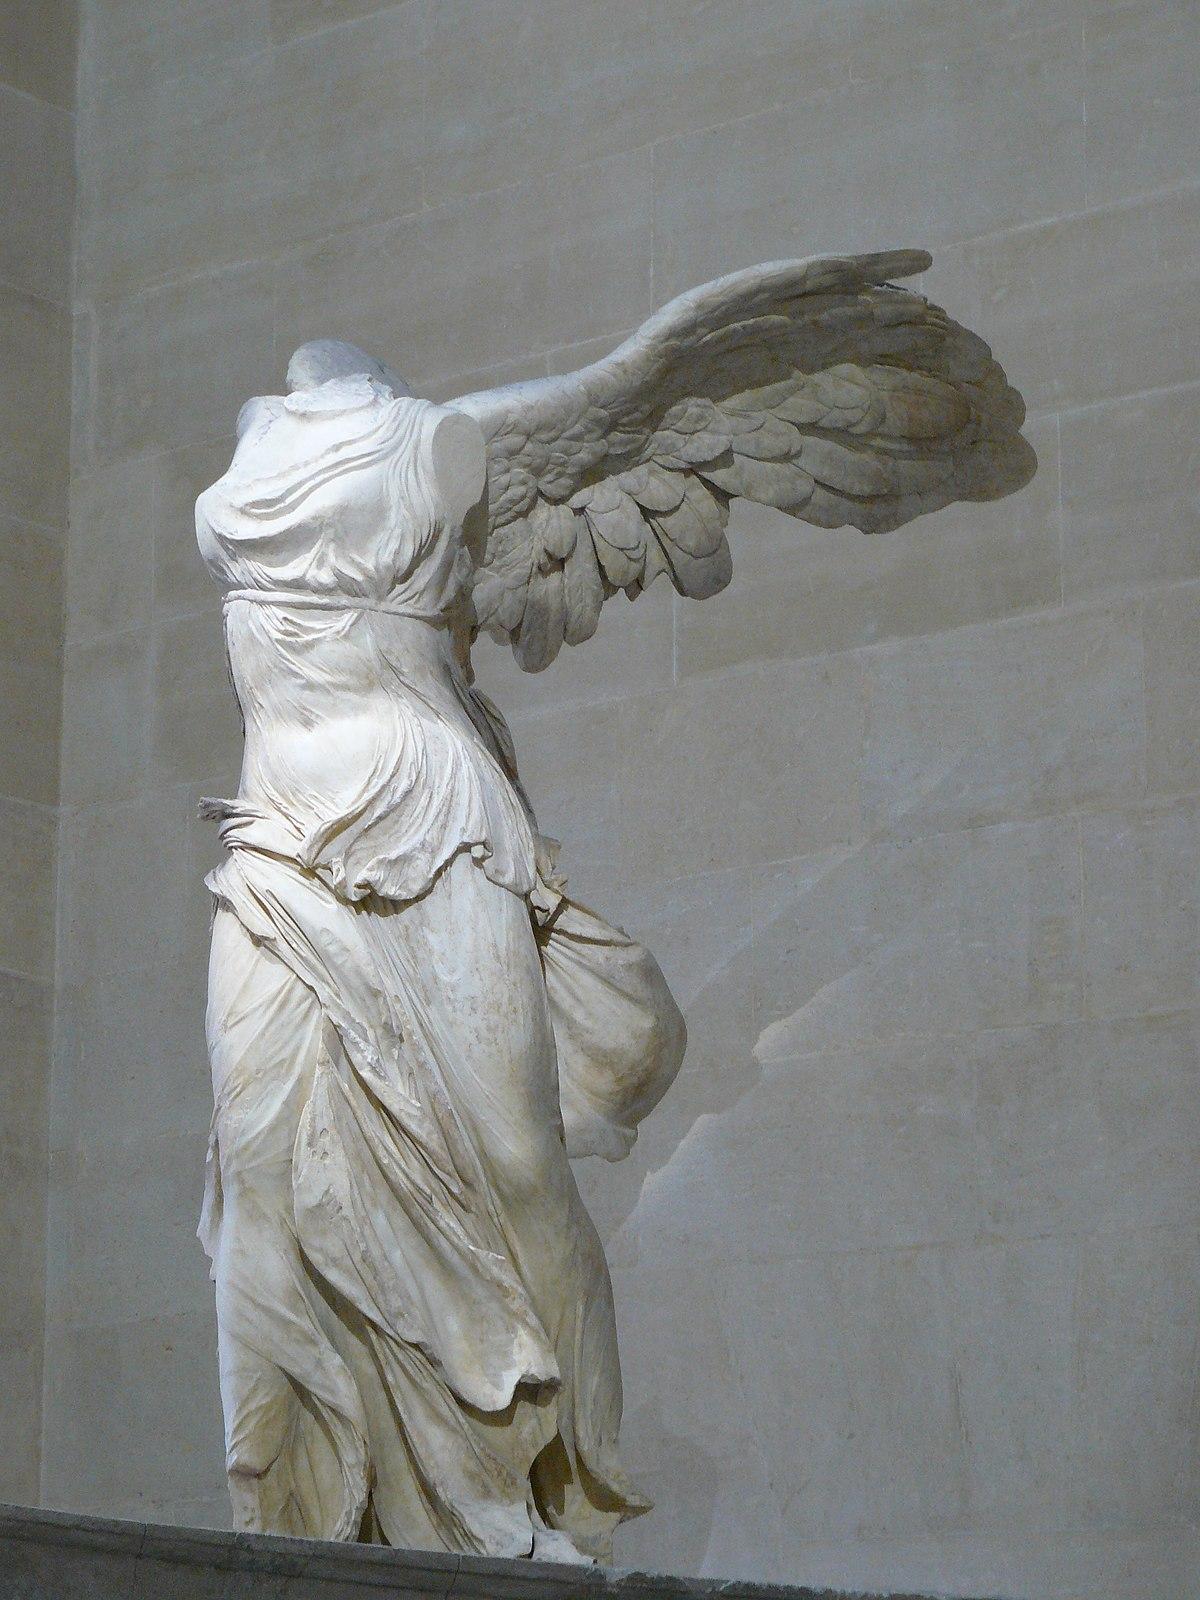 1200px-Victoire_de_Samothrace_-_vue_de_trois-quart_gauche,_gros_plan_de_la_statue_(2).JPG